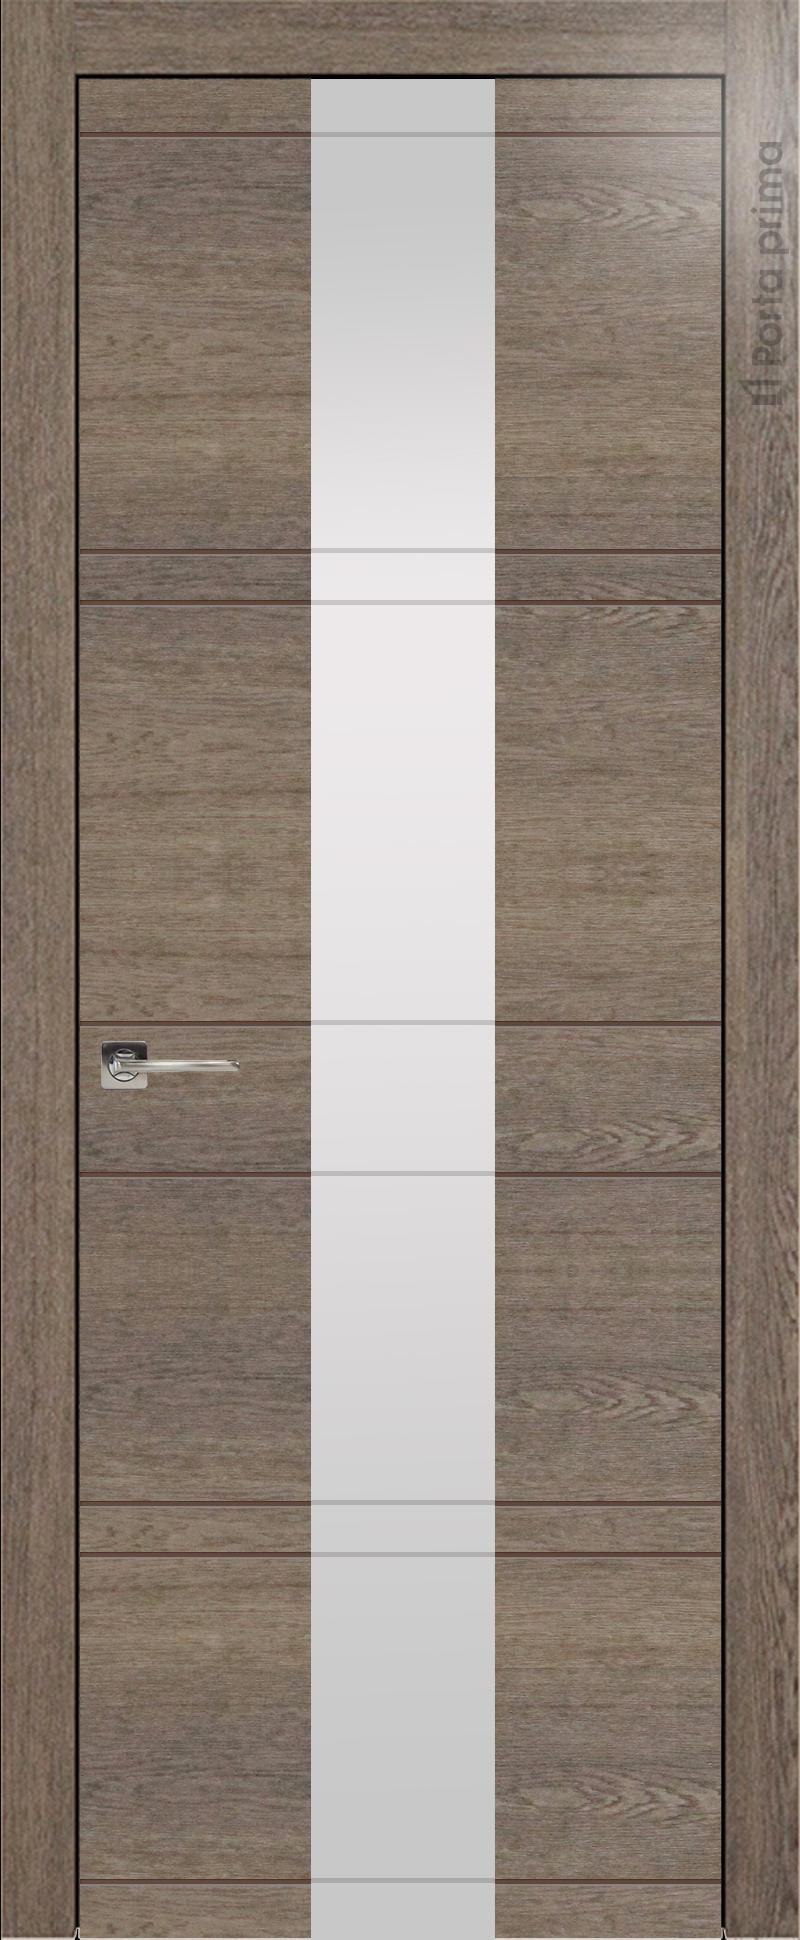 Tivoli Ж-2 цвет - Дуб антик Со стеклом (ДО)